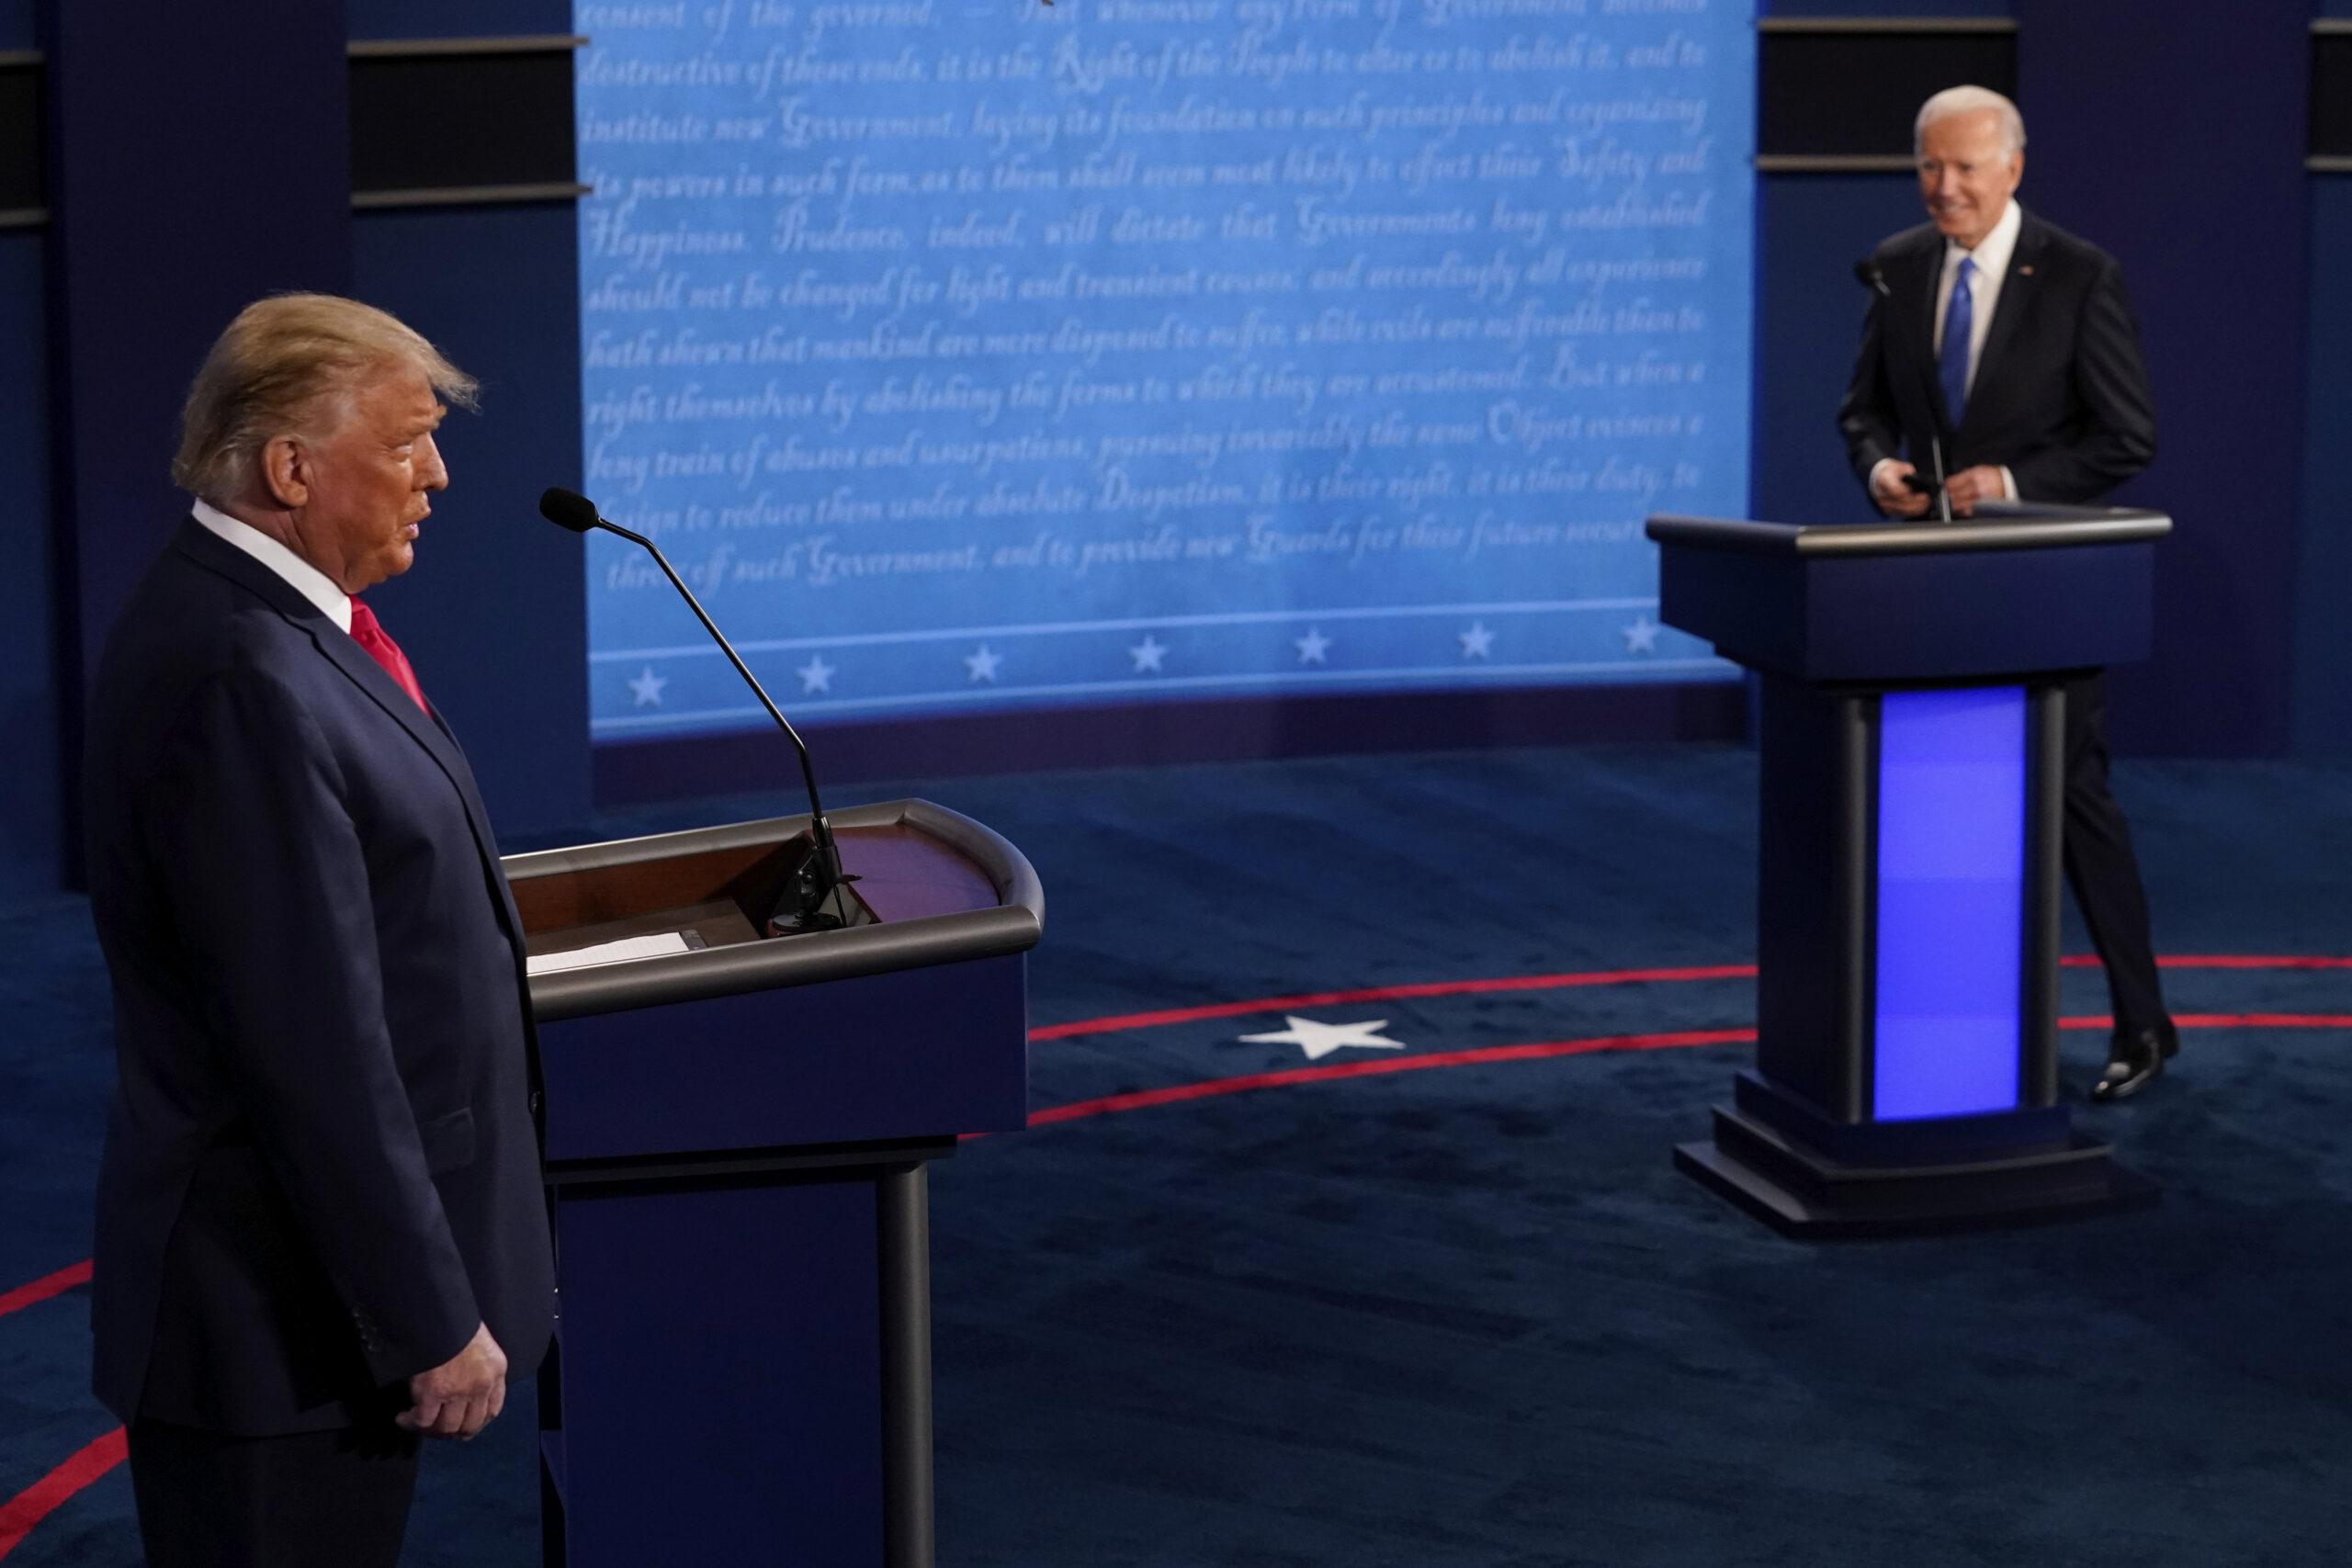 Az utolsó vita az Egyesült Államokban: Trump elnök szeretne maradni